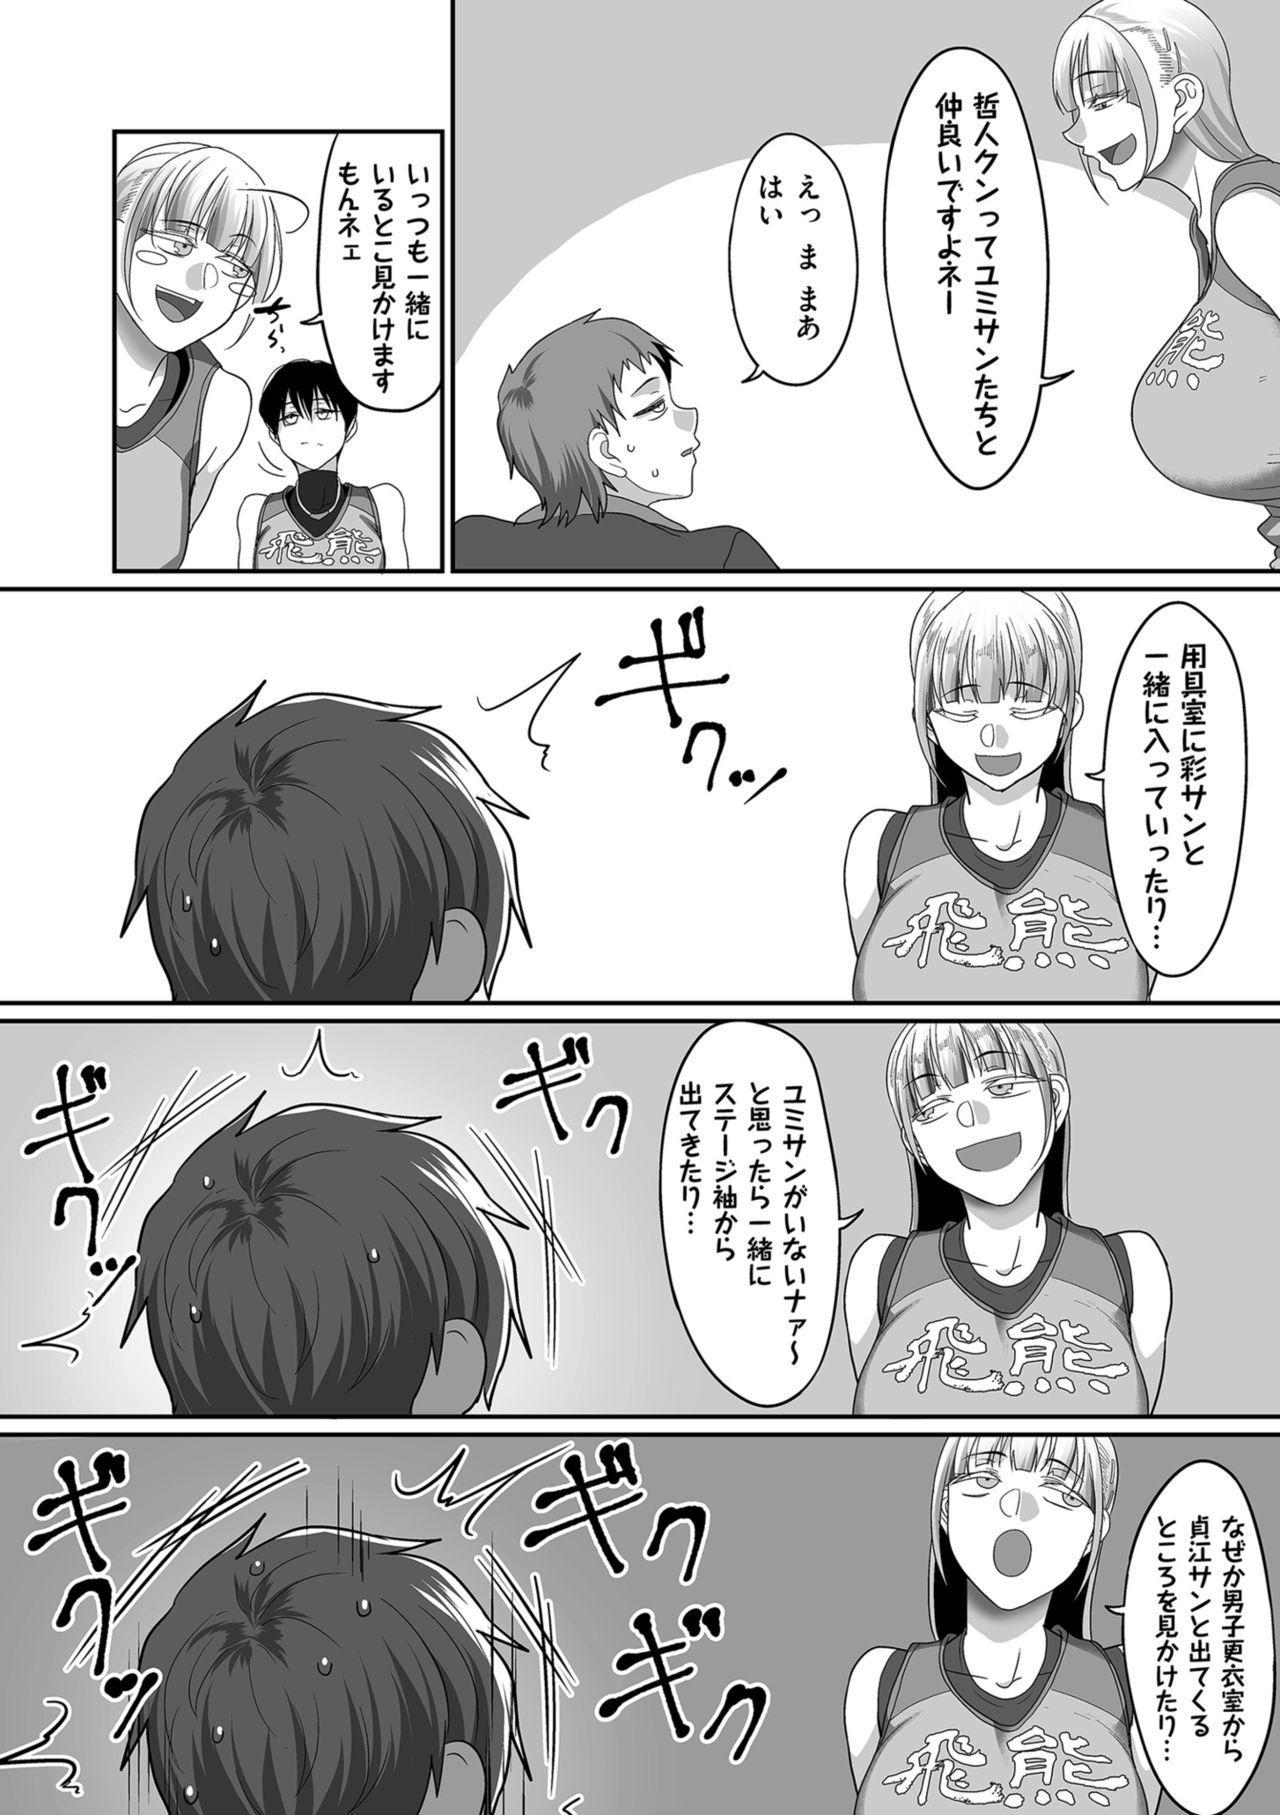 [Yamamoto Zenzen] S-ken K-shi Shakaijin Joshi Volleyball Circle no Jijou [Digital] 119